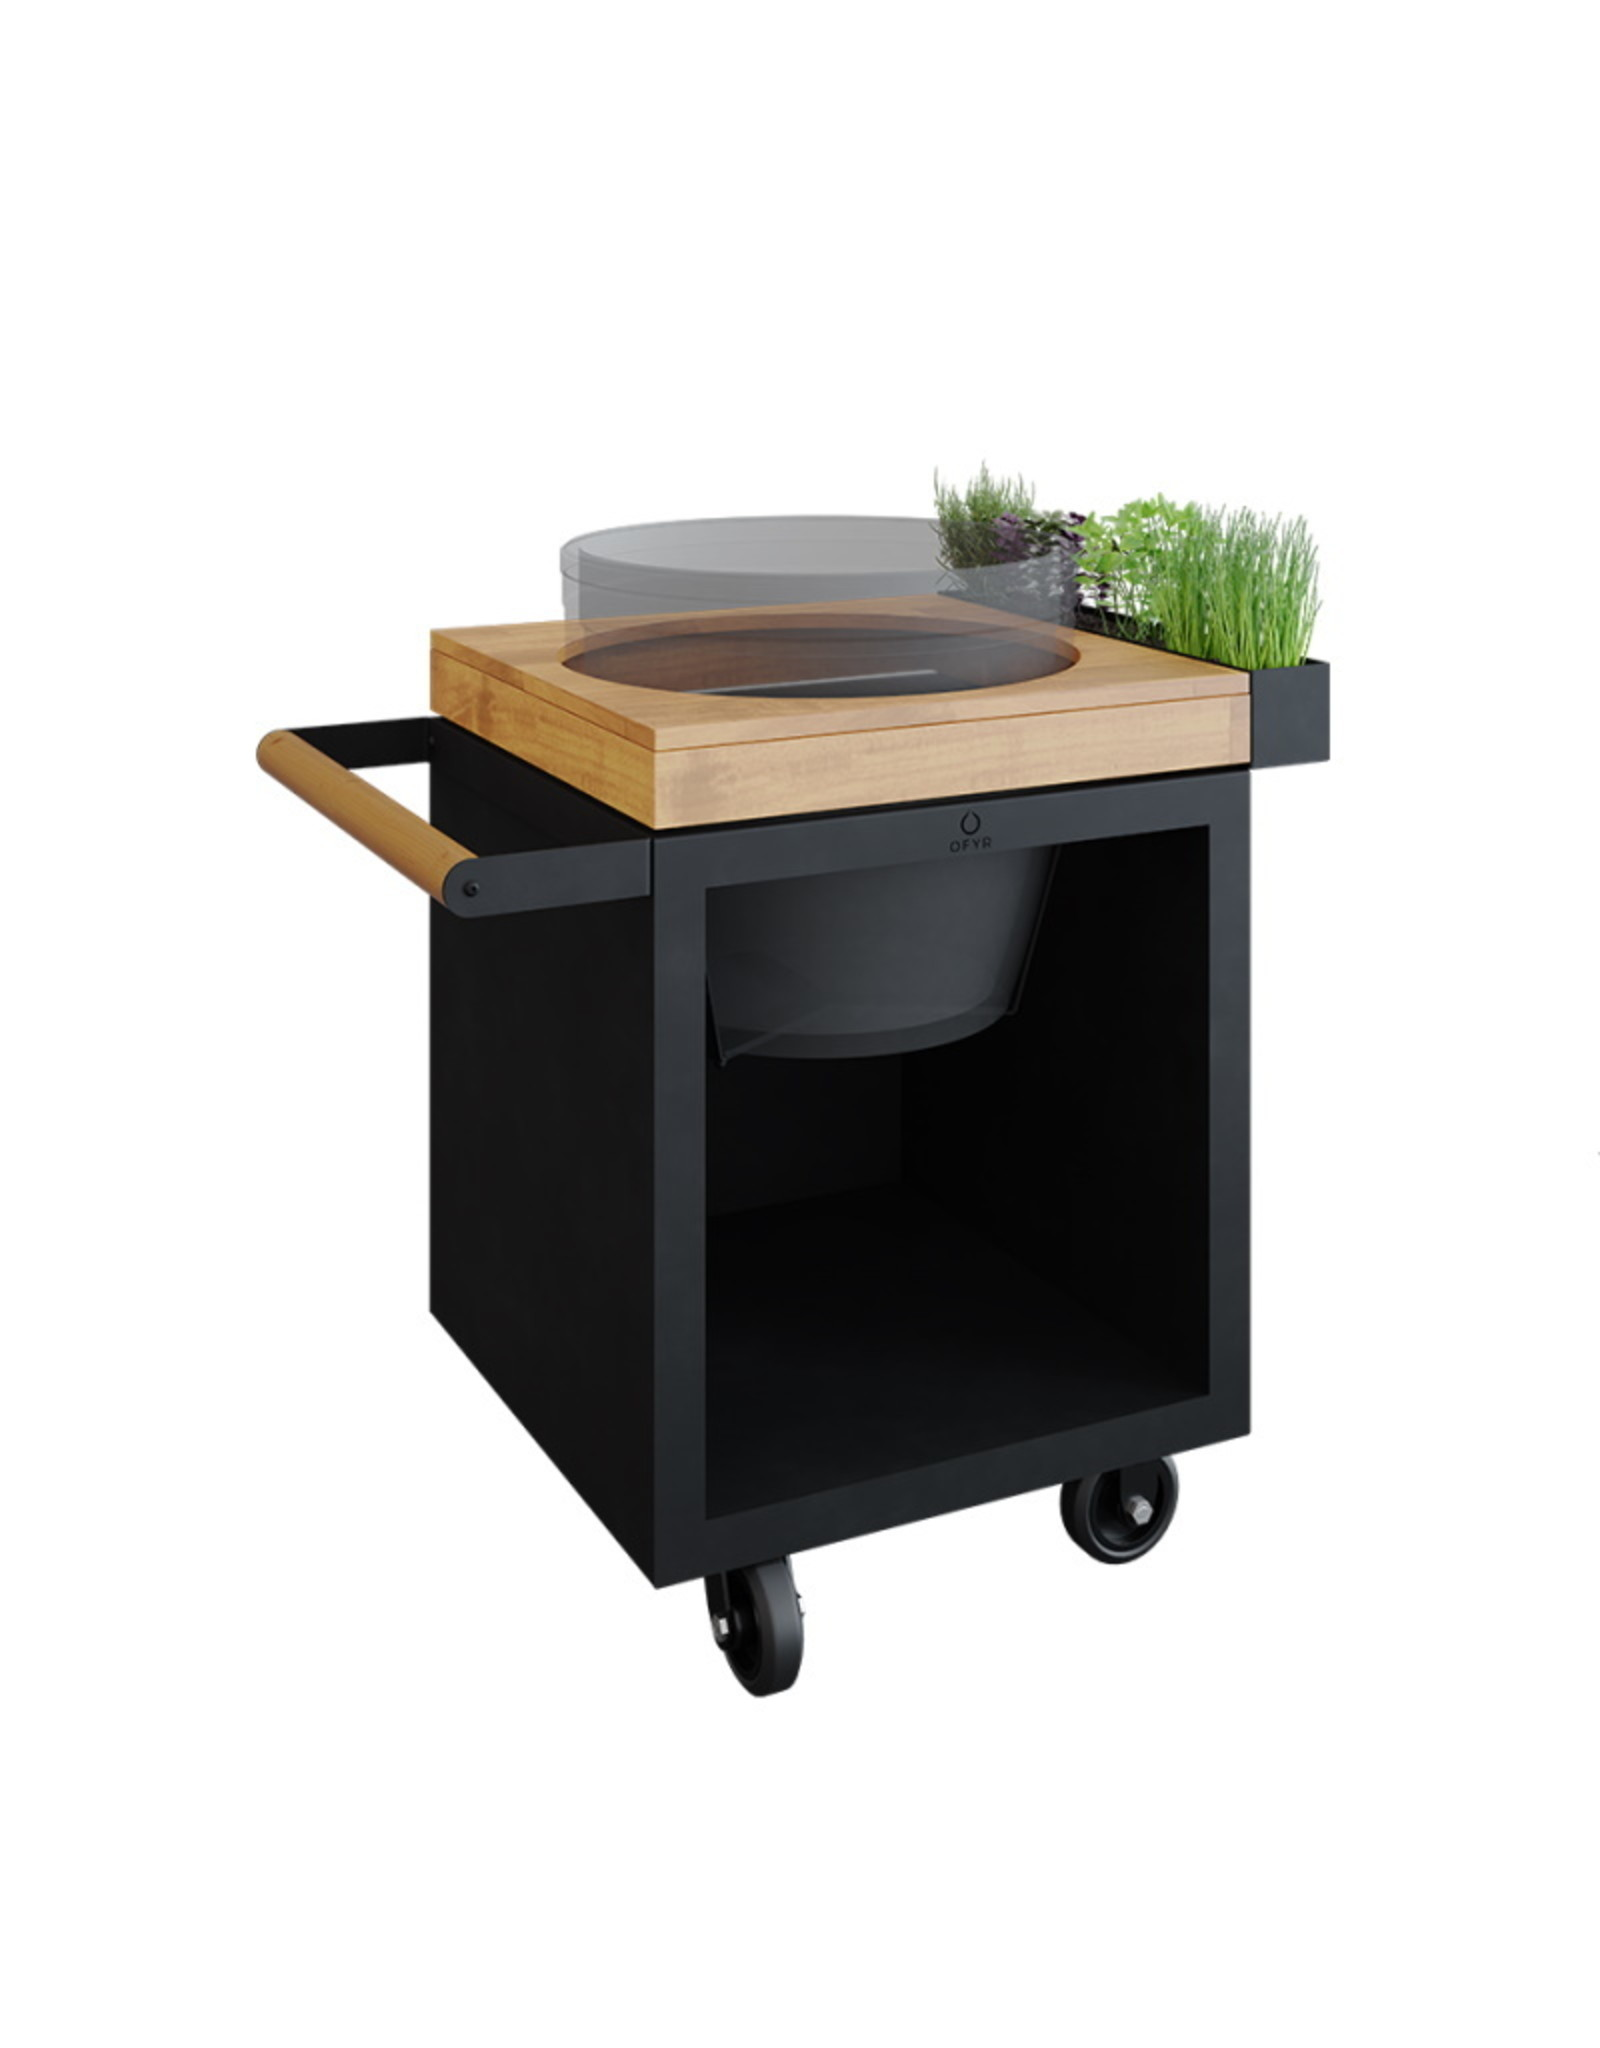 OFYR Kamado Table Black 65 PRO Teak Wood BGE